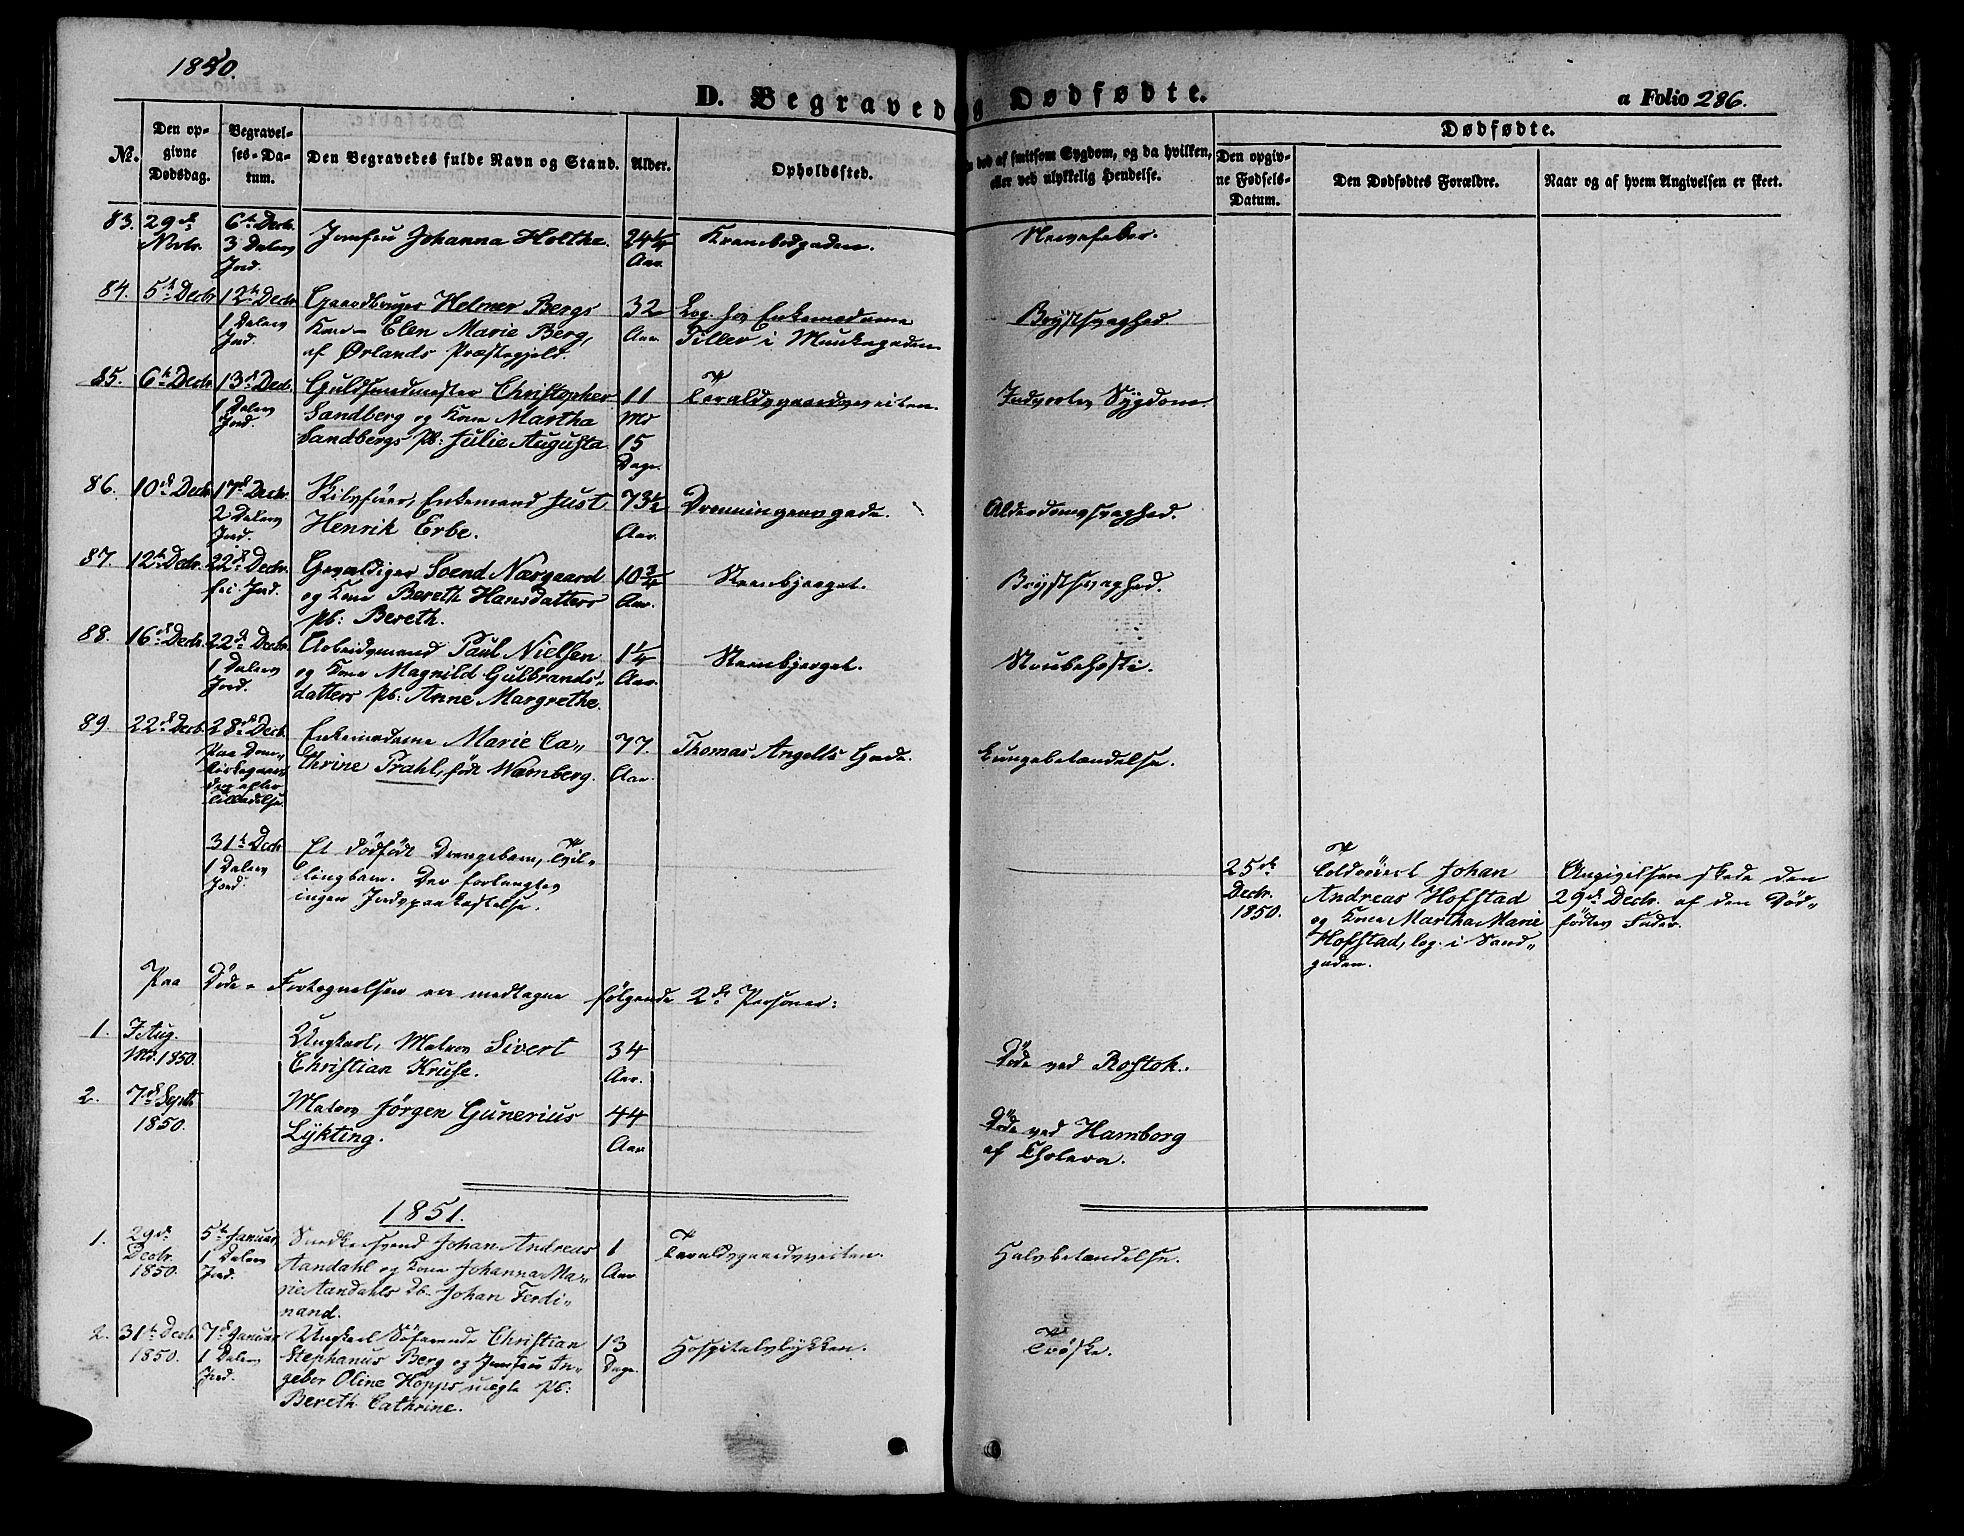 SAT, Ministerialprotokoller, klokkerbøker og fødselsregistre - Sør-Trøndelag, 602/L0137: Klokkerbok nr. 602C05, 1846-1856, s. 286